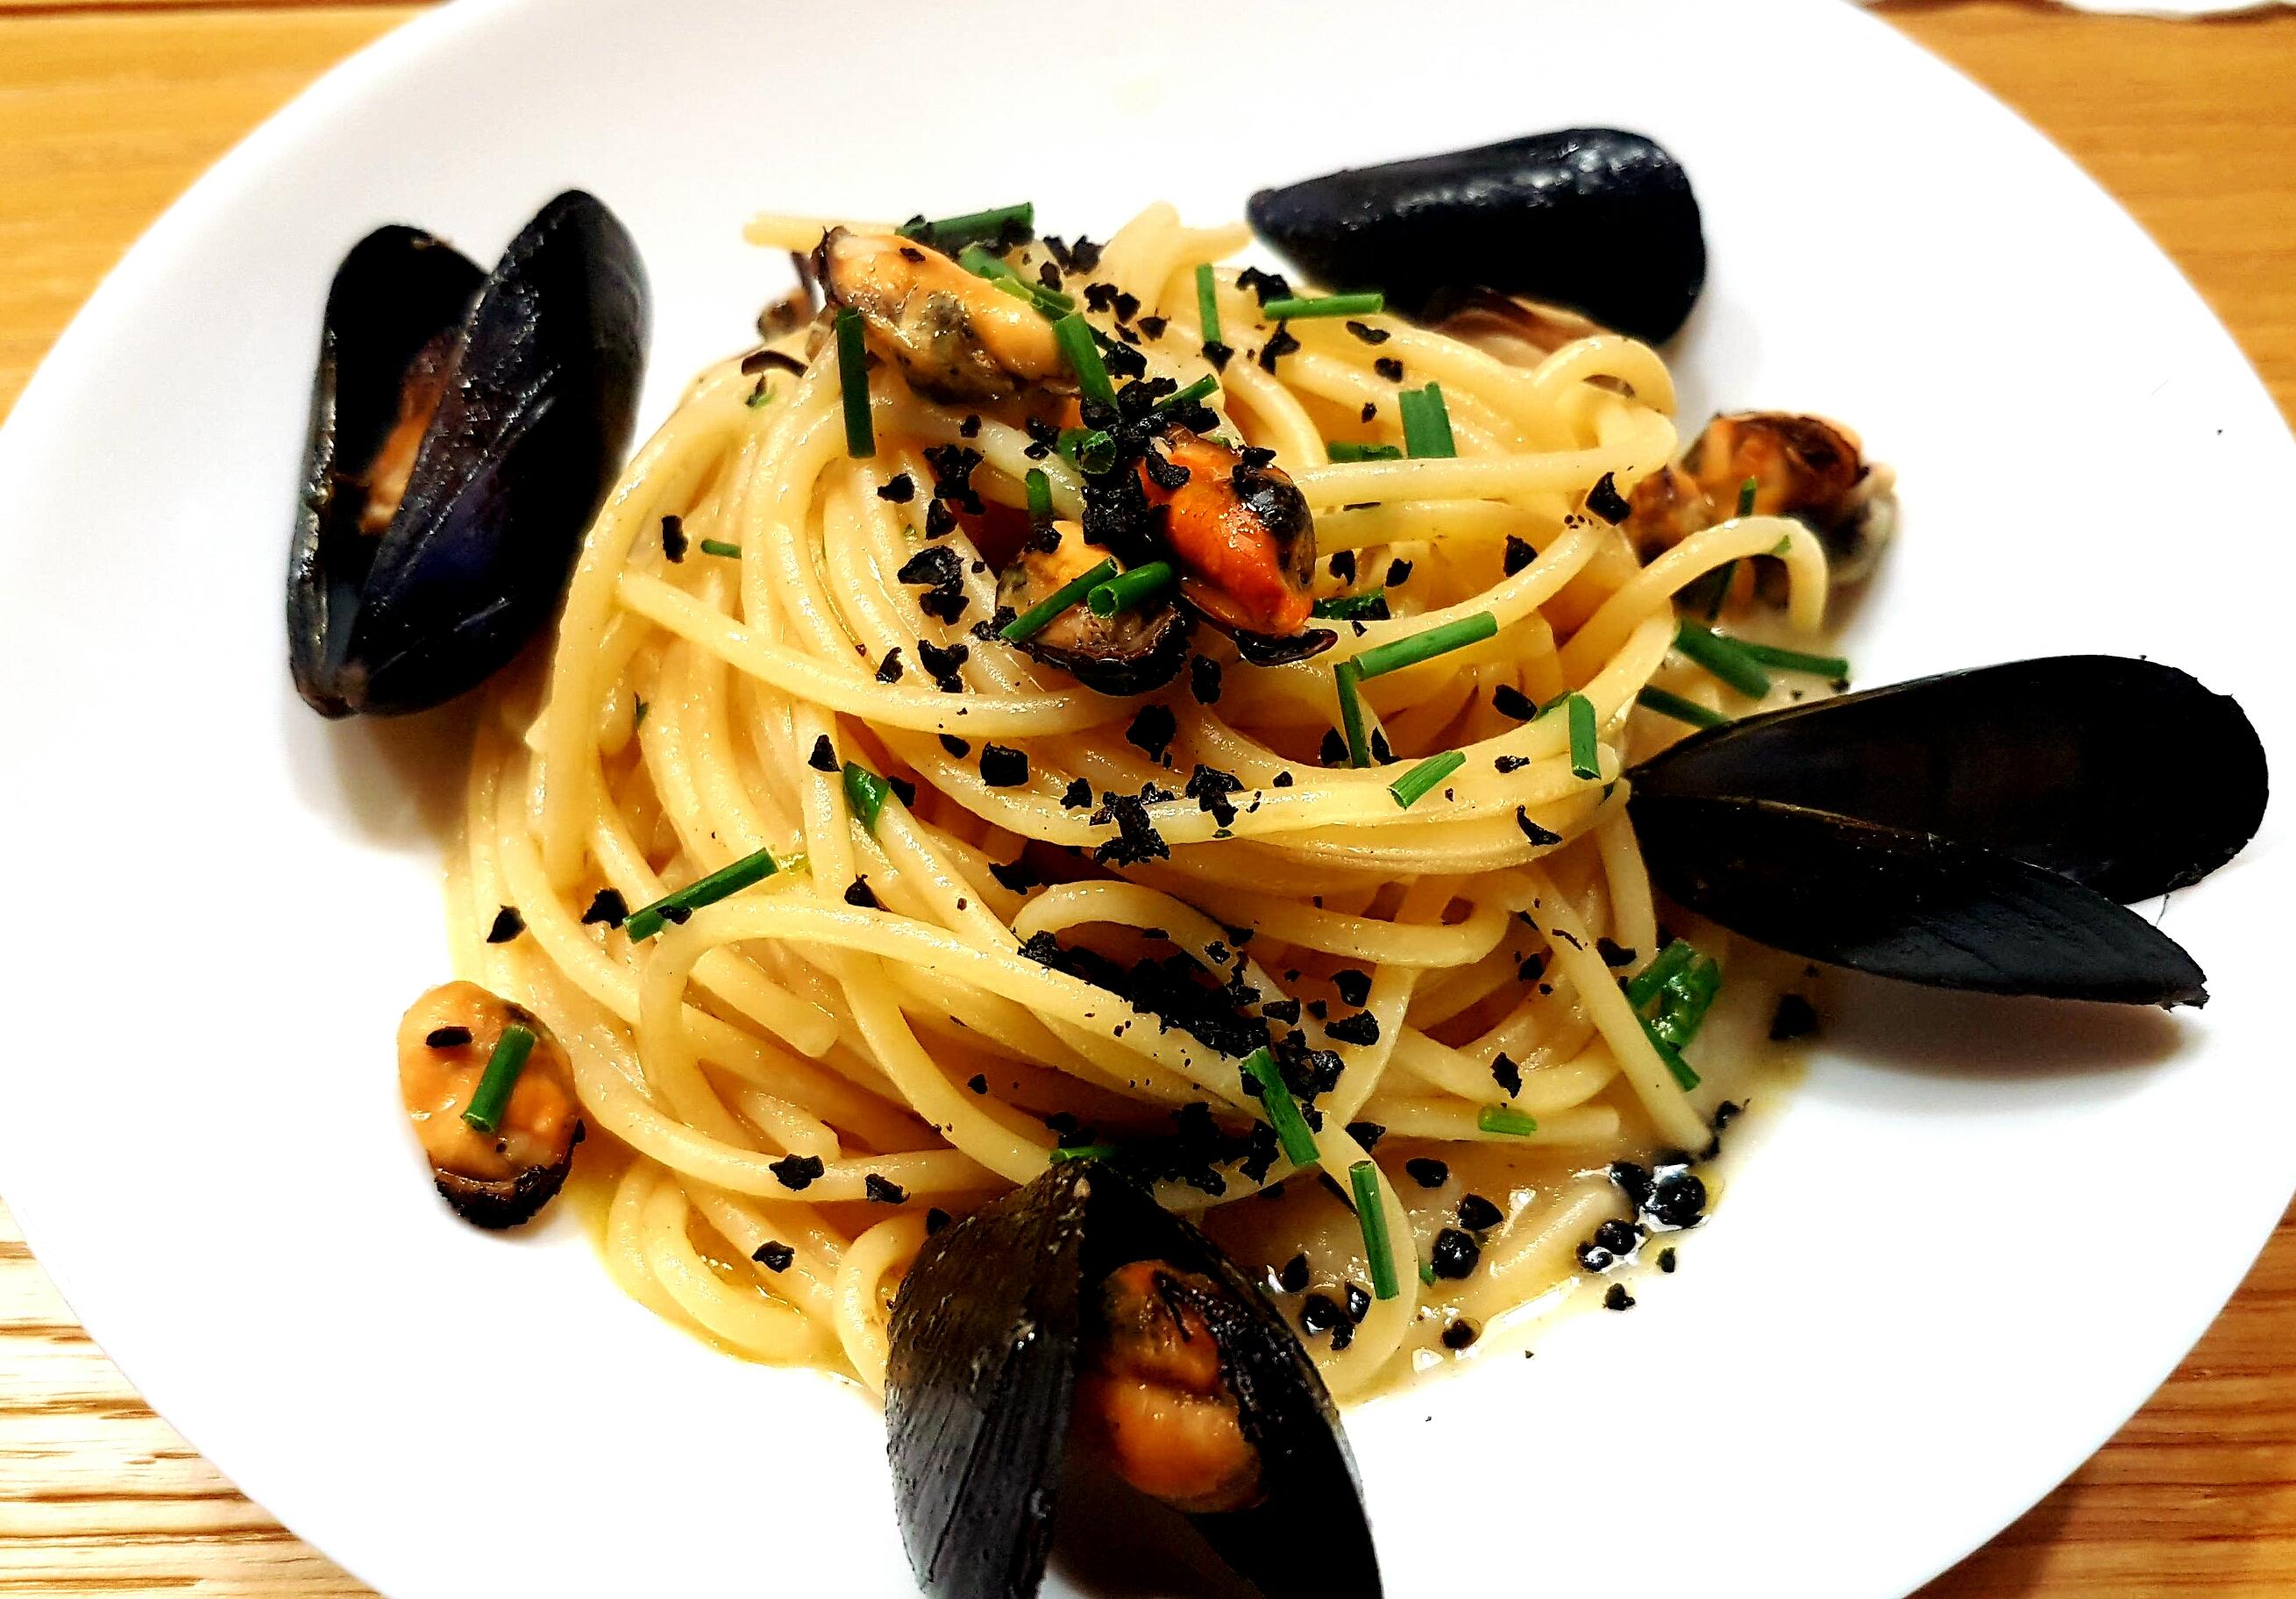 Spaghetti cozze sedano rapa e polvere di olive nere